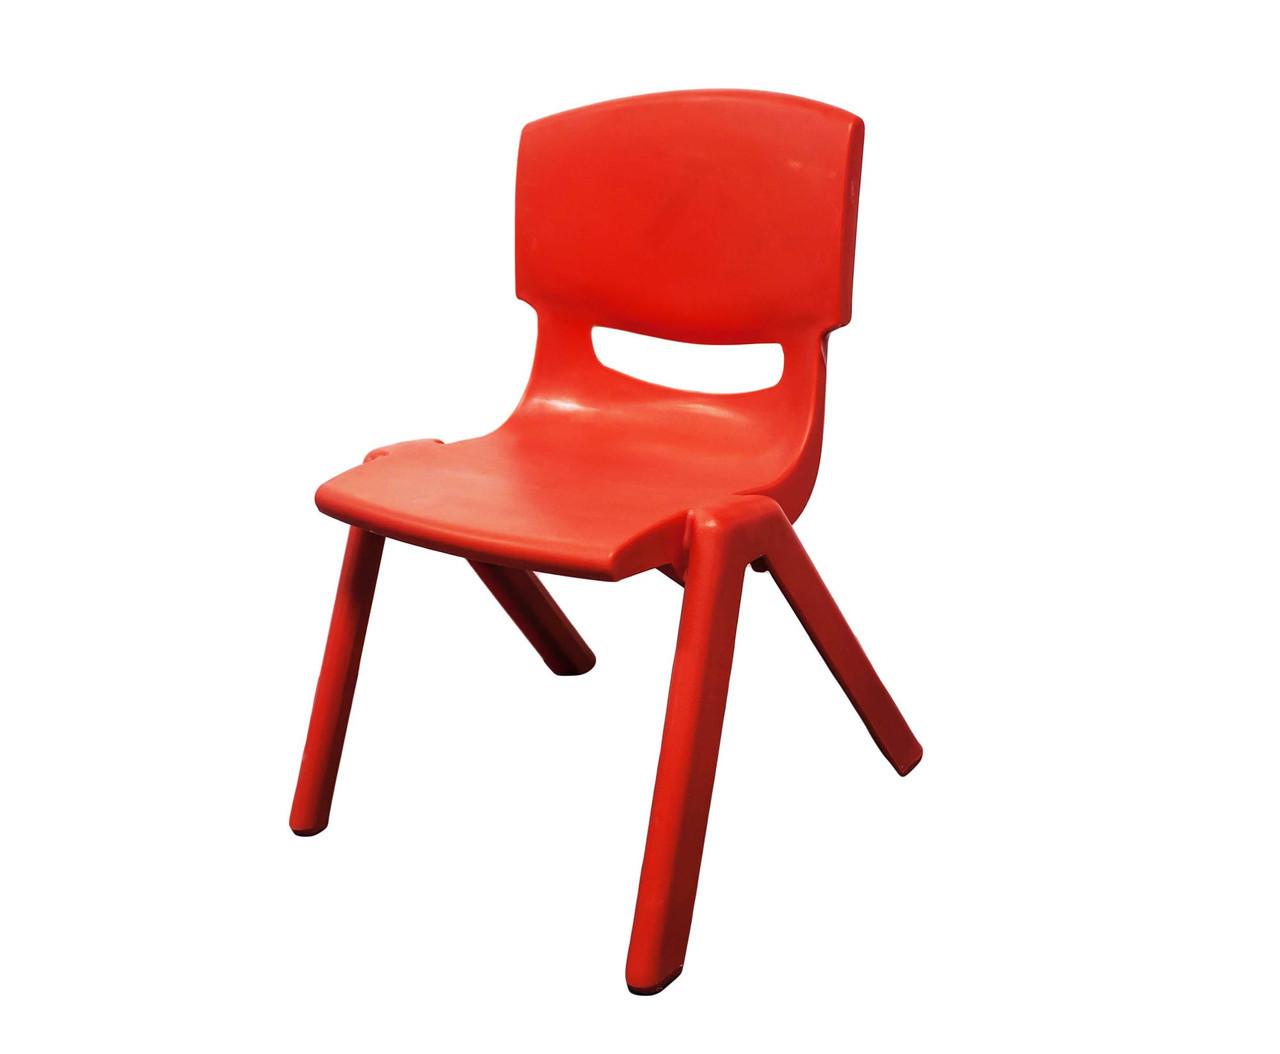 Стул детский пластиковый, красный, 32*53 см